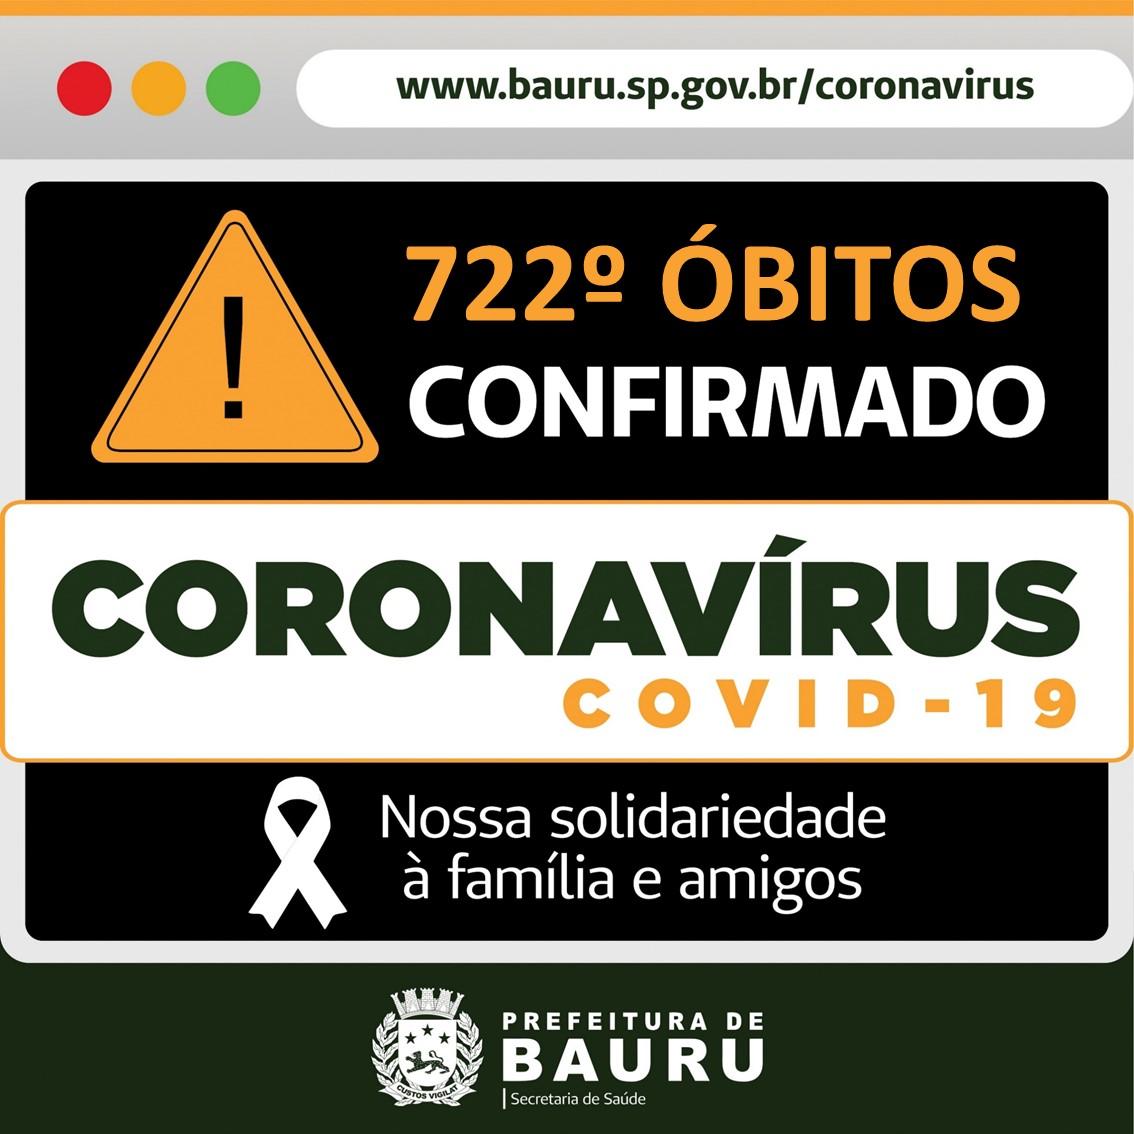 Bauru somava 722 mortes por covid em 23/4, números que não param de crescer.